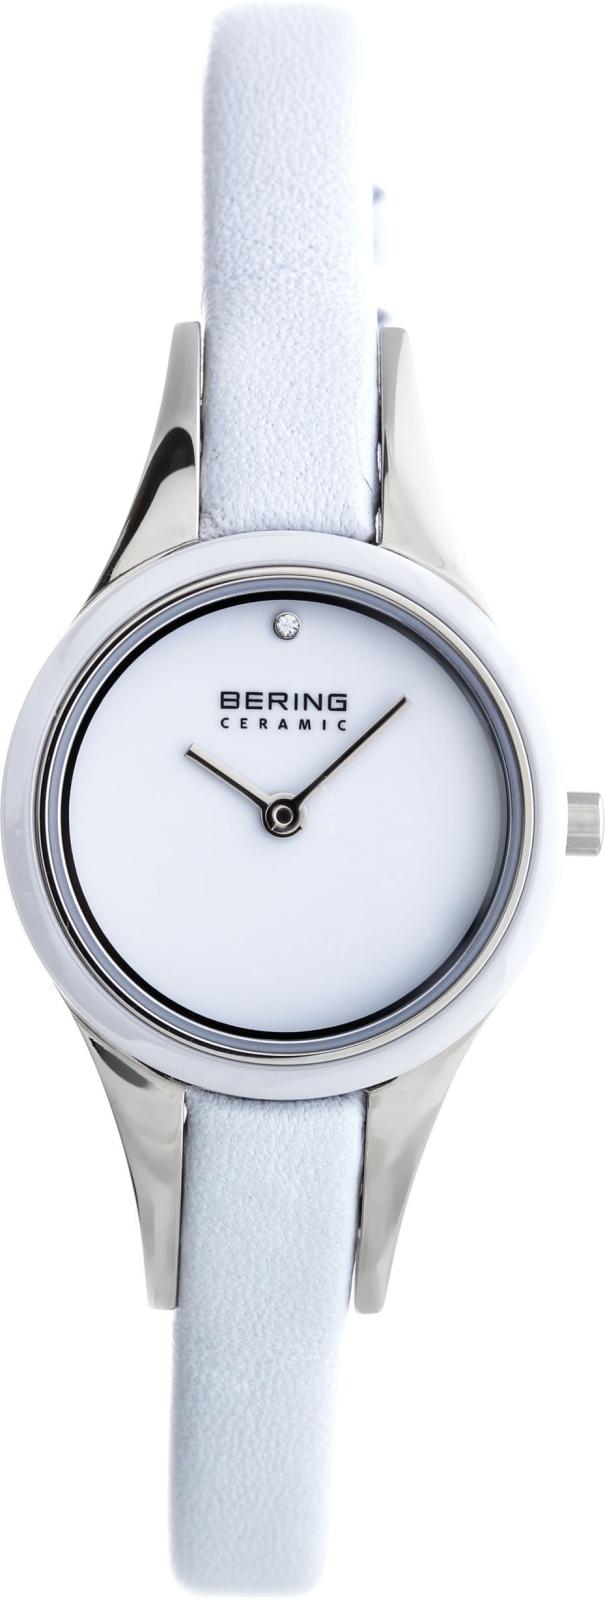 Bering Ceramic 33125-654Наручные часы<br>Датские часы Bering Ceramic 33125-654<br><br>Пол: Женские<br>Страна-производитель: Дания<br>Механизм: Кварцевый<br>Материал корпуса: Сталь<br>Материал ремня/браслета: Кожа<br>Водозащита, диапазон: 20 - 100 м<br>Стекло: Сапфировое<br>Толщина корпуса: 6 мм<br>Стиль: Классика